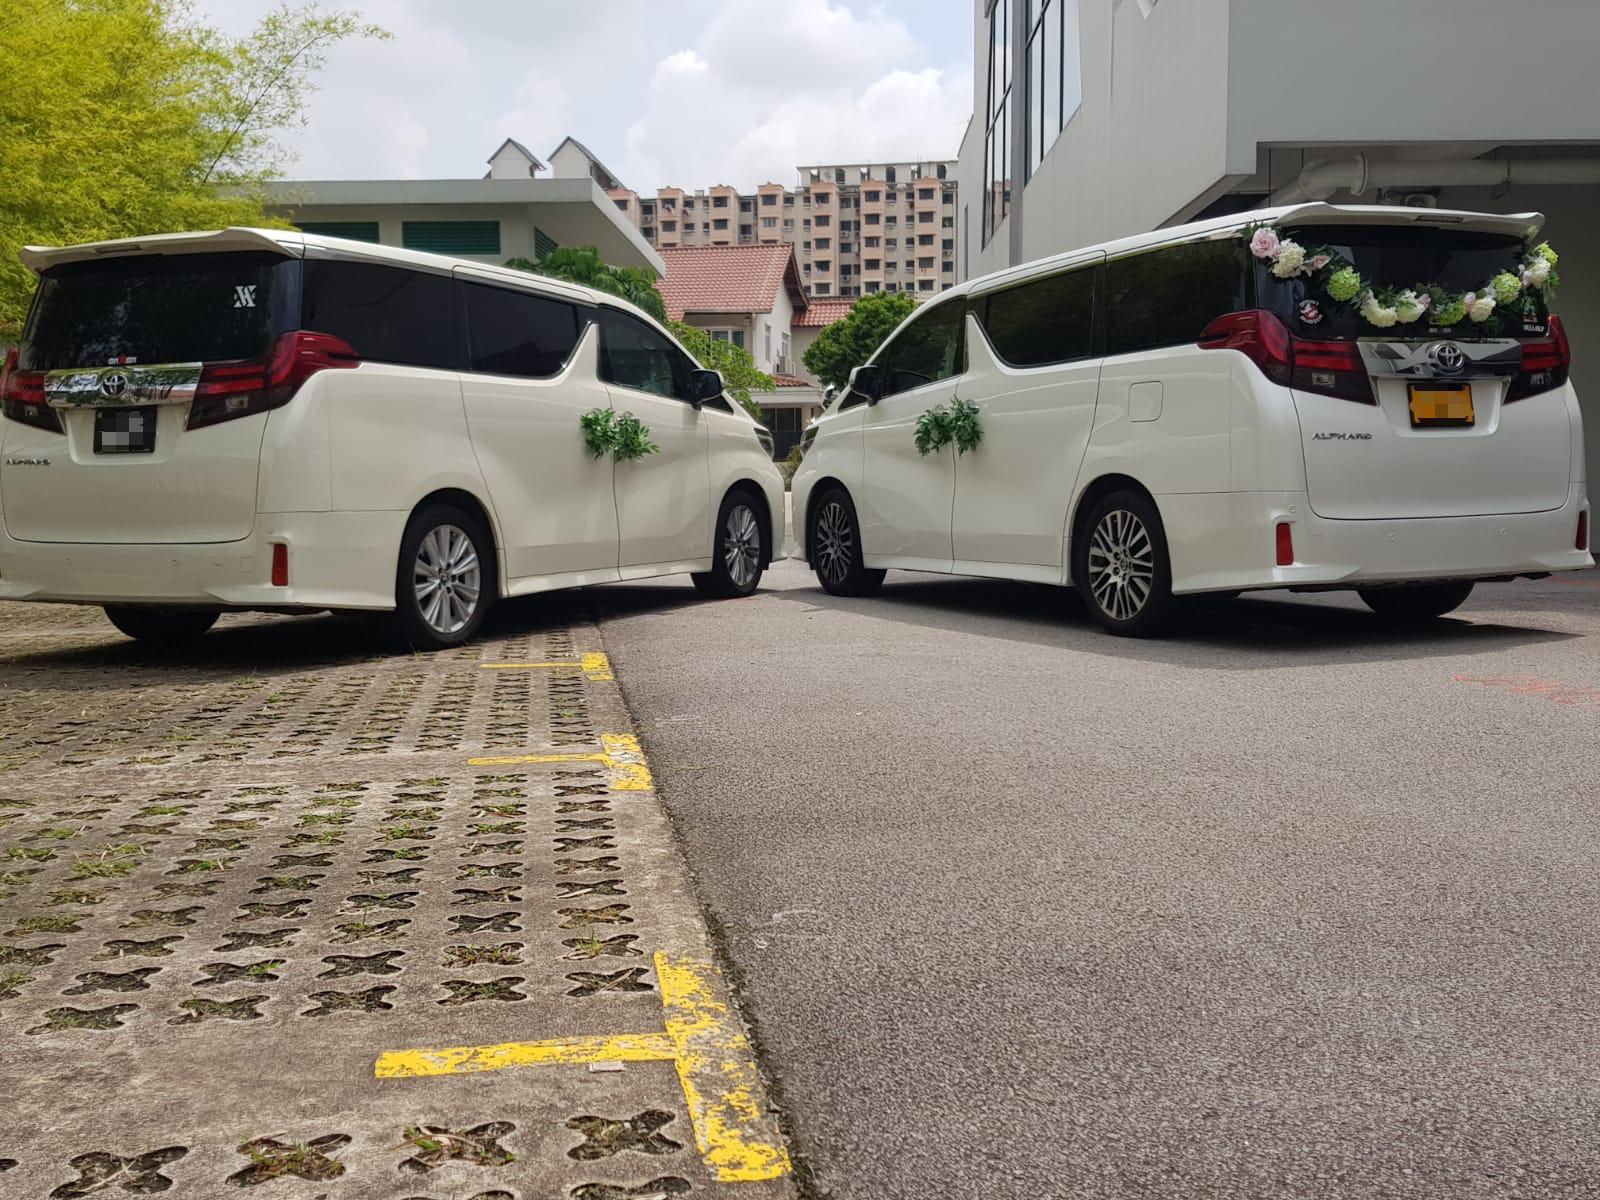 Toyota Alphard wedding car rear